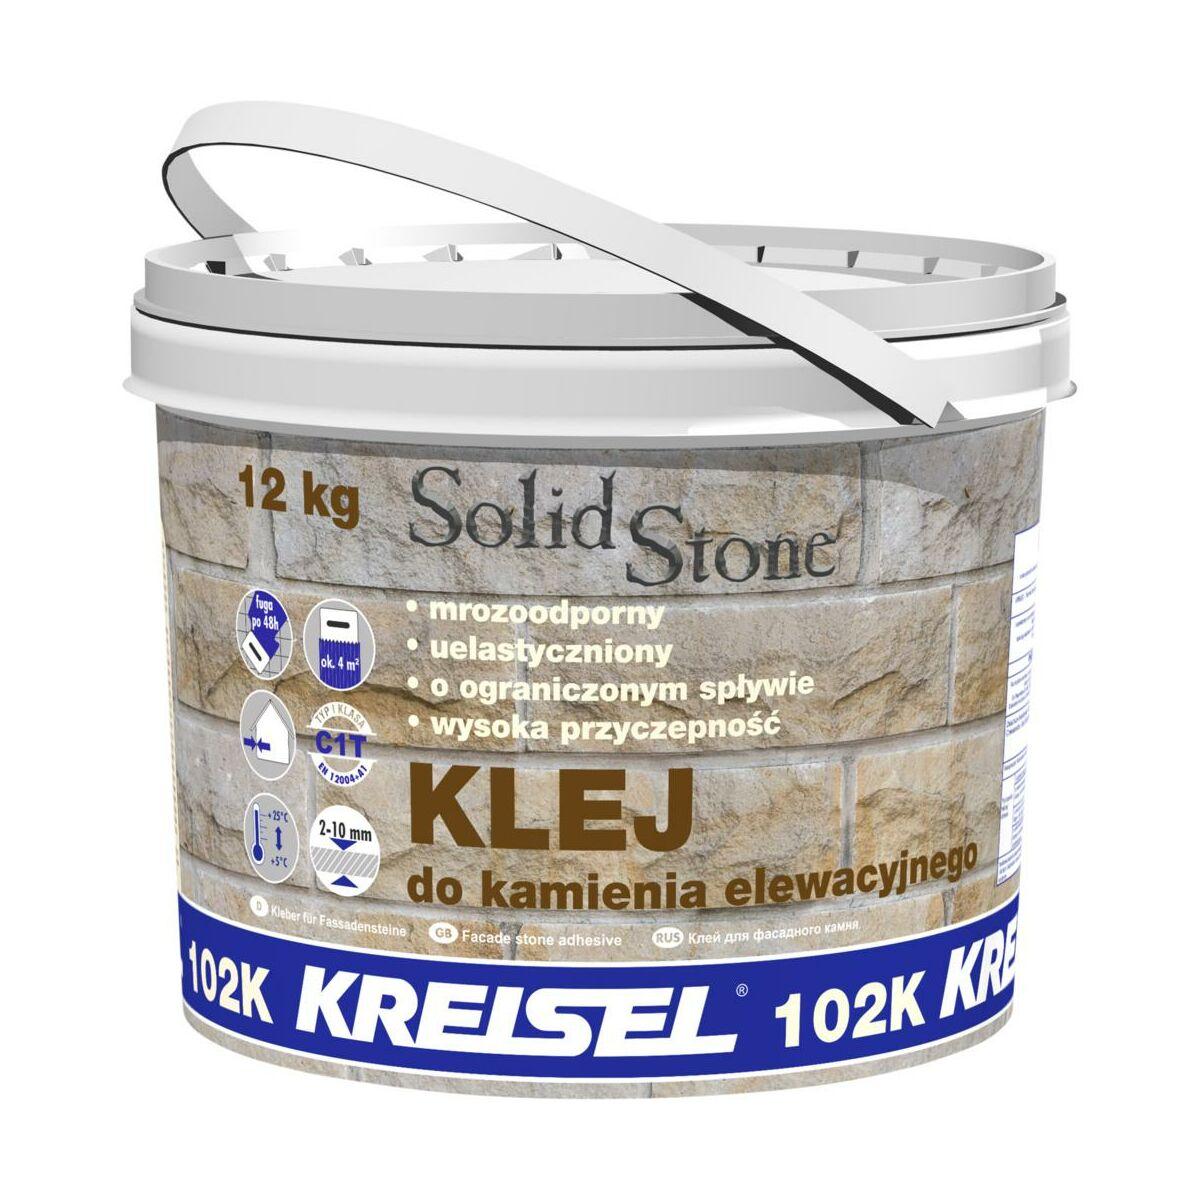 Klej Do Kamienia Elewacyjnego Solid Stone 12 Kg Kreisel Kleje Do Kamieni I Plytek Elewacyjnych W Atrakcyjnej Cenie W Sklepach Leroy Merlin